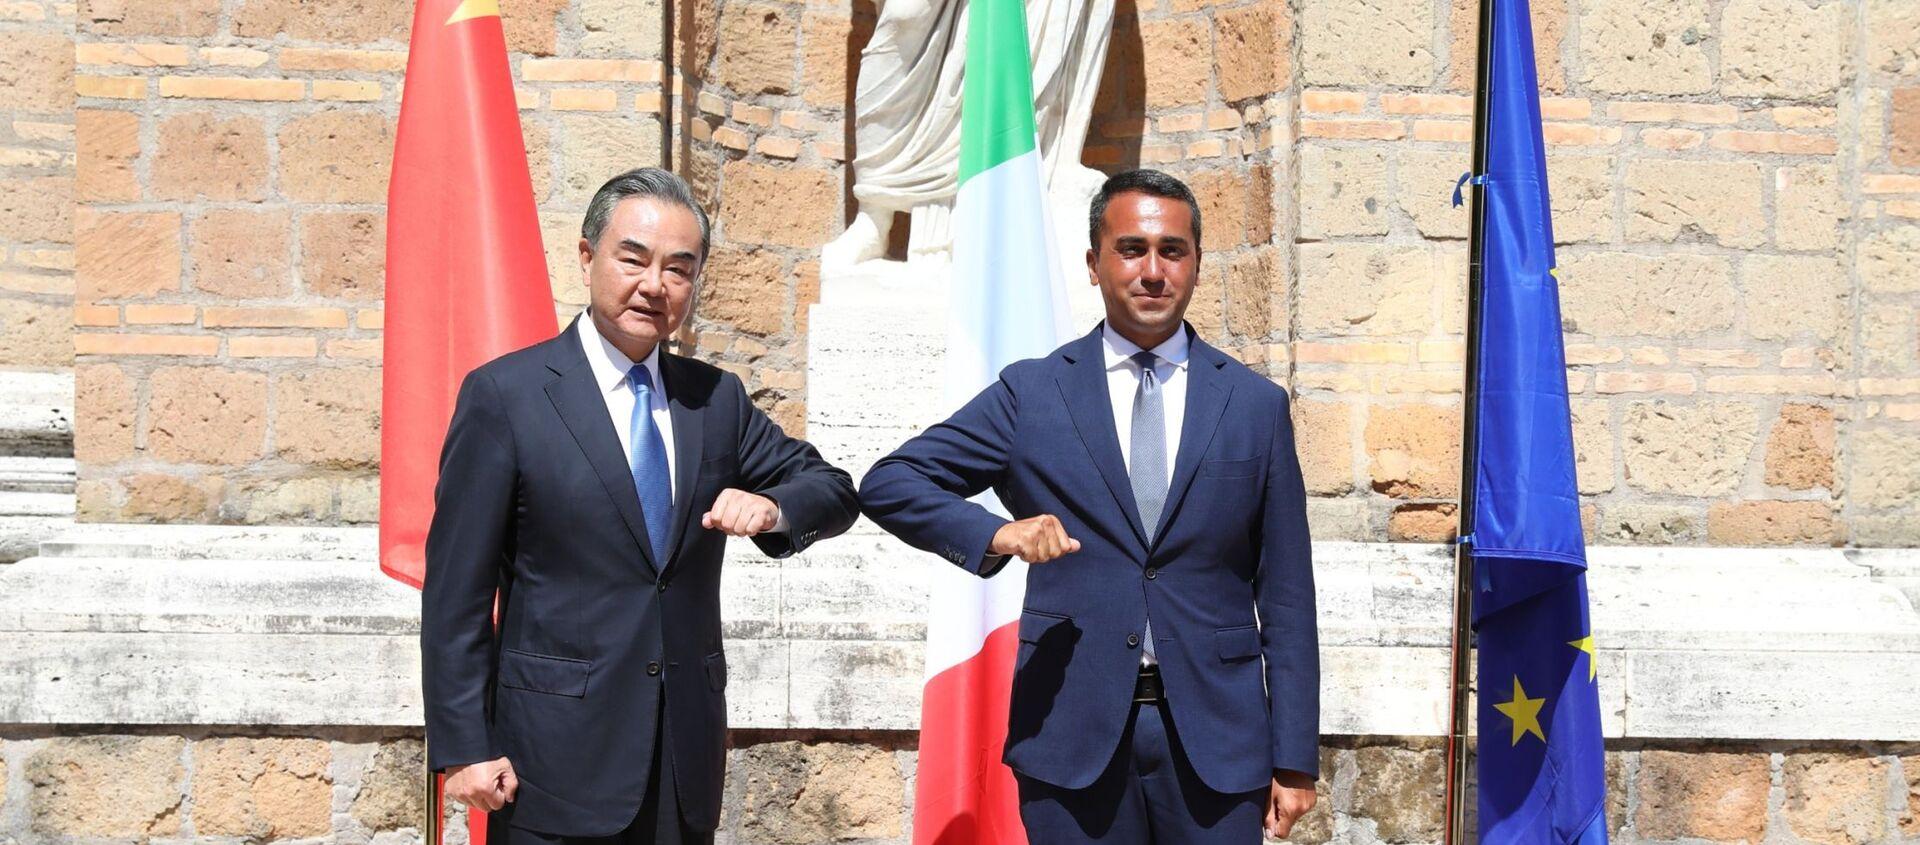 El ministro de Exteriores chino, Wang Yi, y su homólogo italiano, Luigi Di Maio - Sputnik Mundo, 1920, 27.08.2020